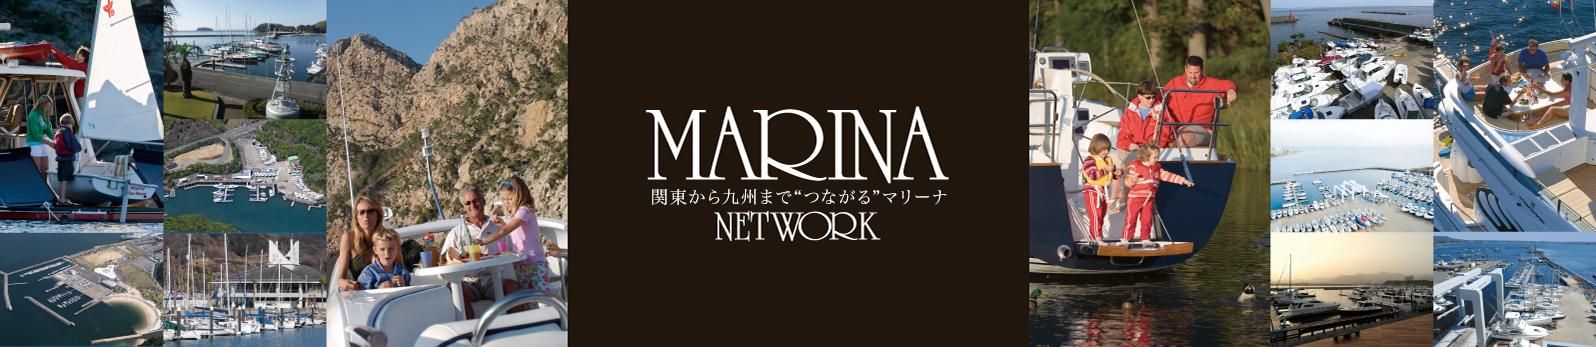 marina network